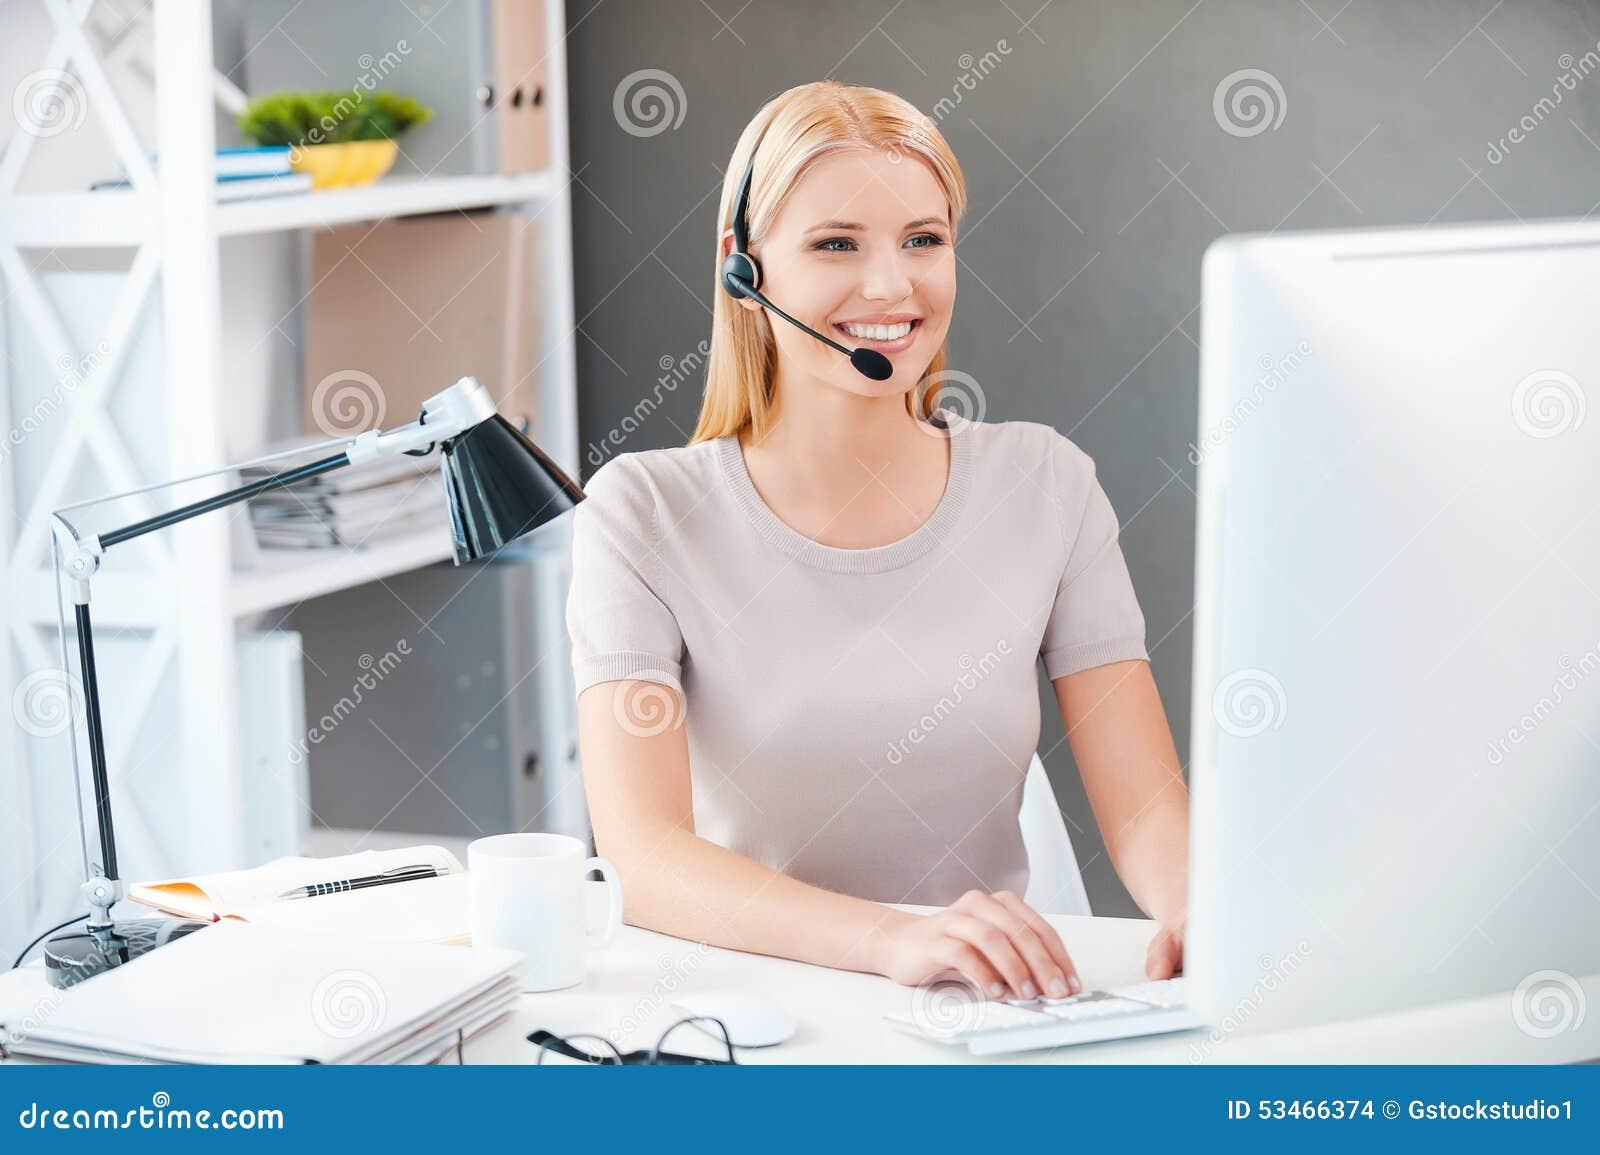 Rappresentante di servizio di assistenza al cliente sul lavoro